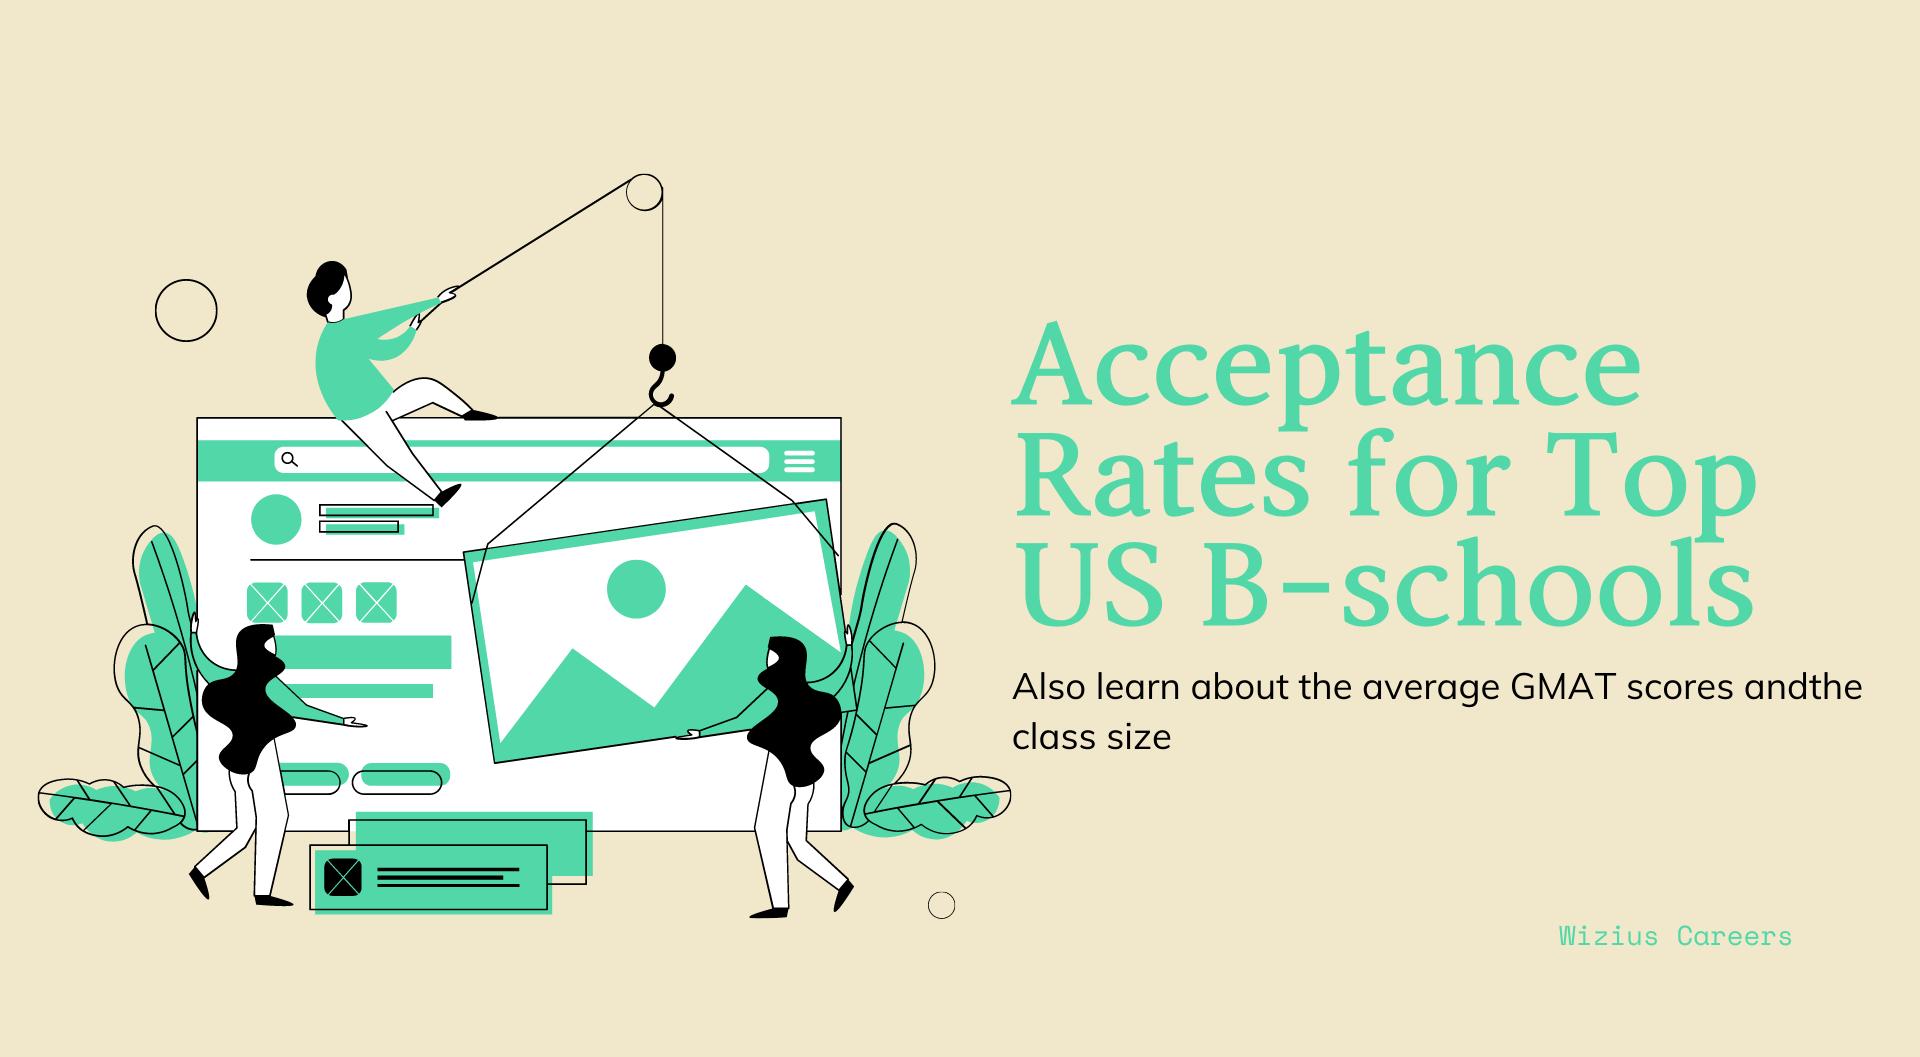 Top 100 US B-schools – Acceptance Rates